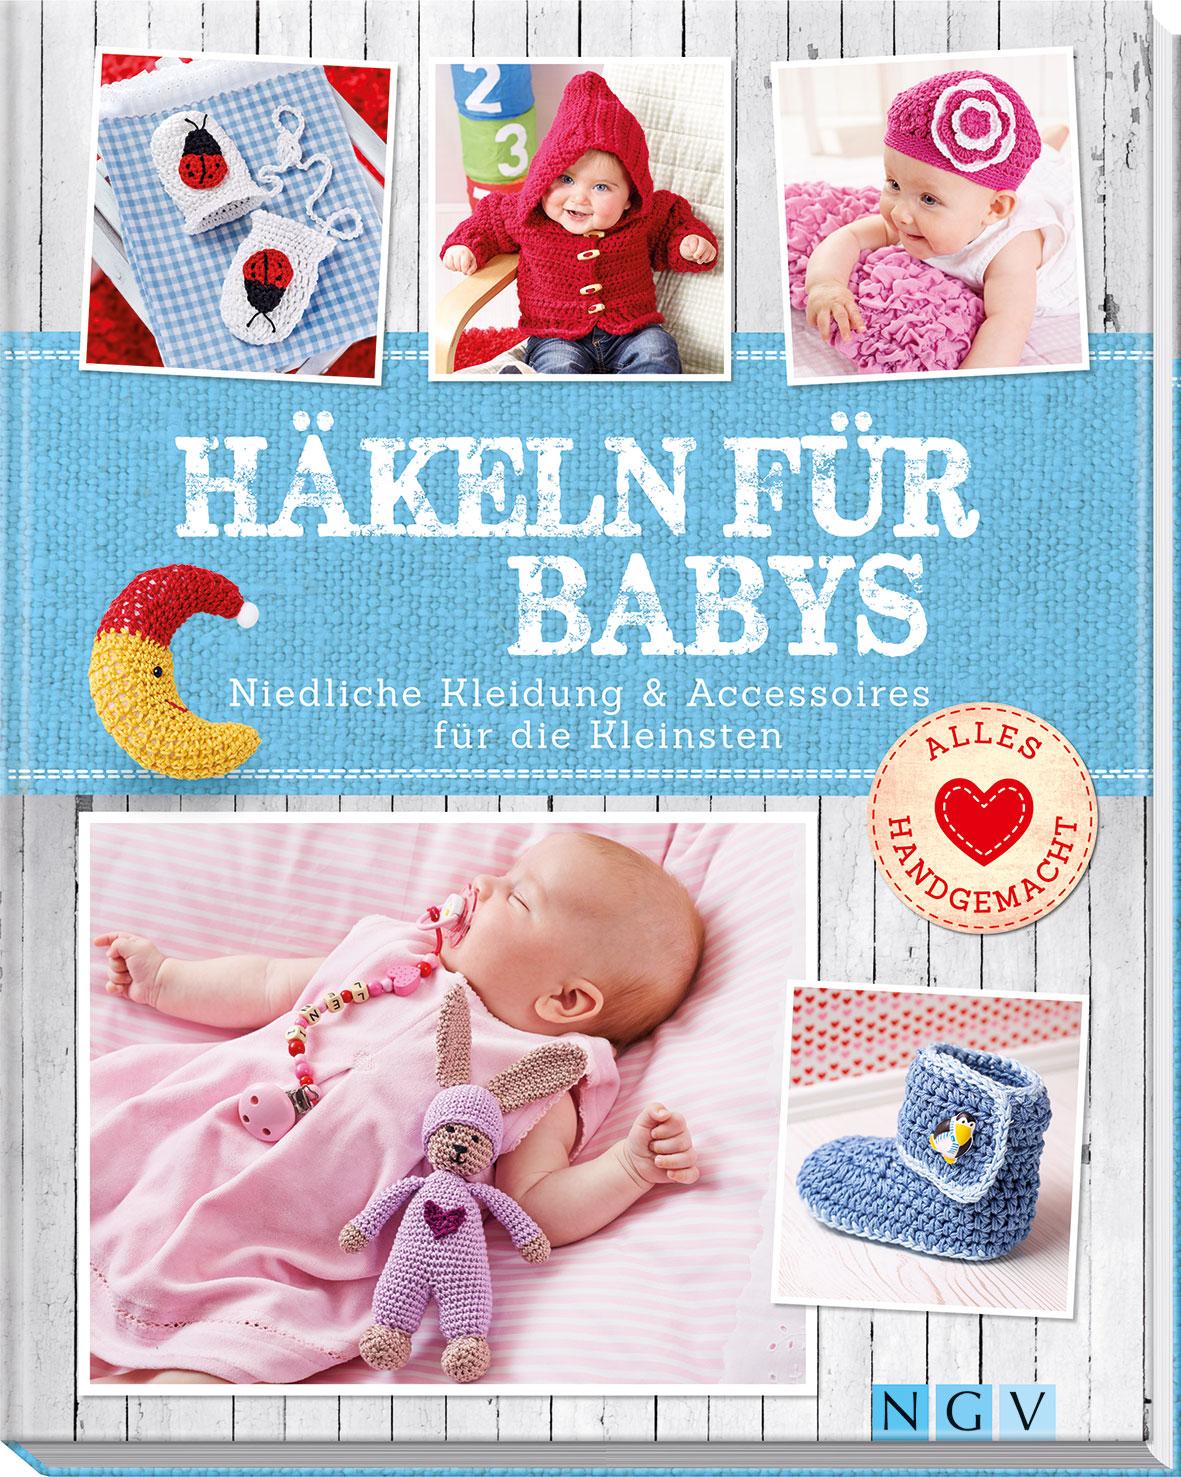 Häkeln Für Babys Ngv Naumann Göbel Verlagsgesellschaft Mbh